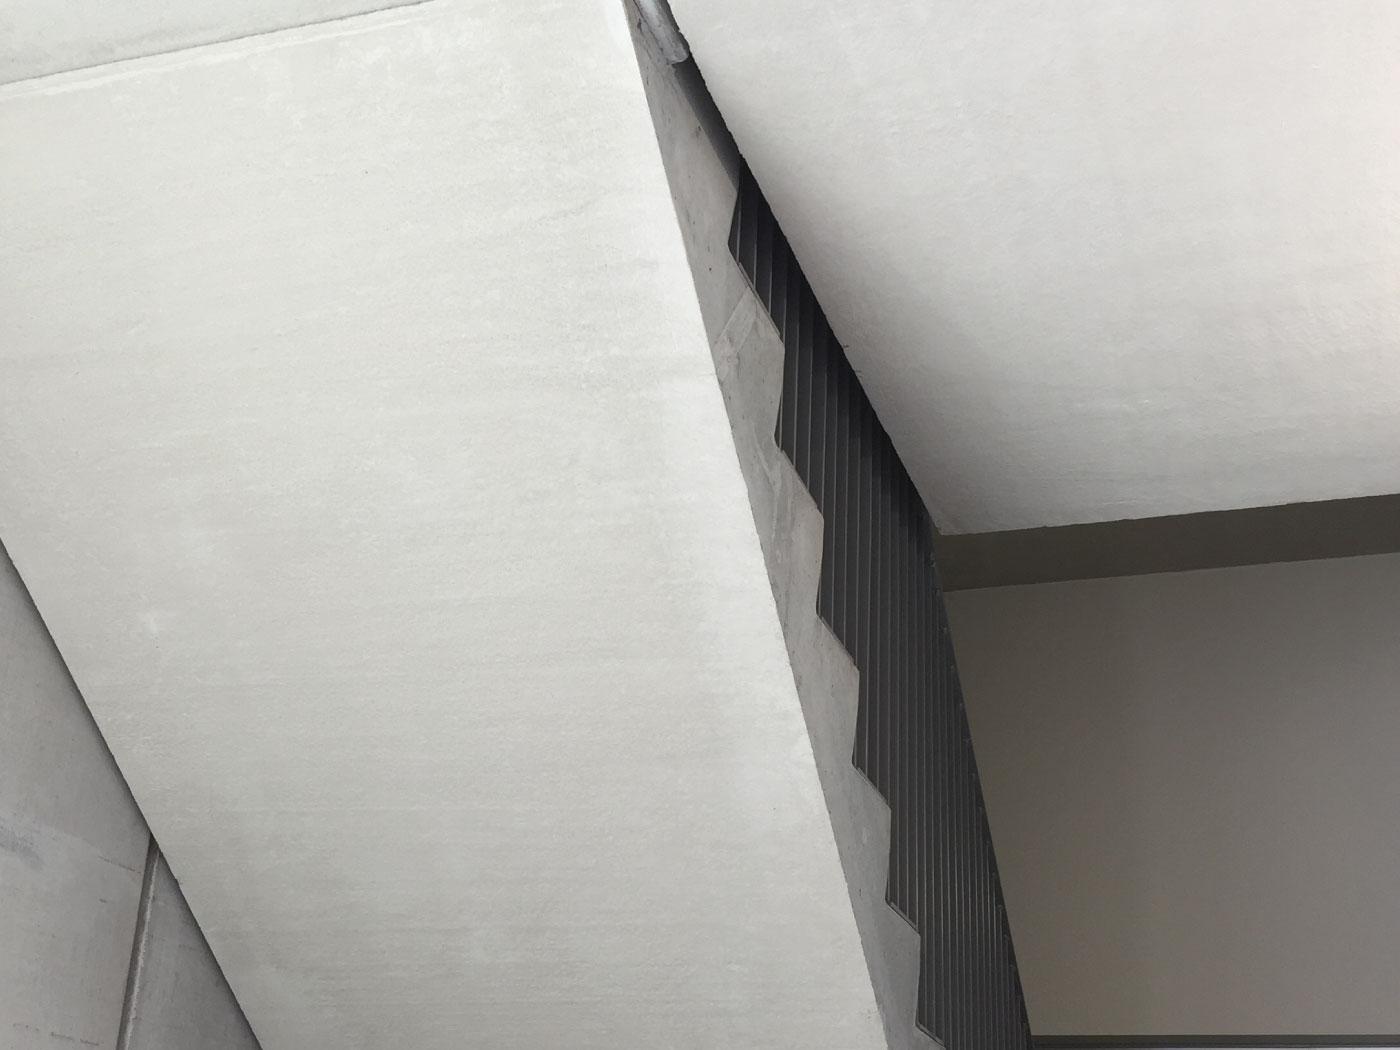 Bij te werken afgestreken zijdes prefab betontrap - esthetische betonherstelling